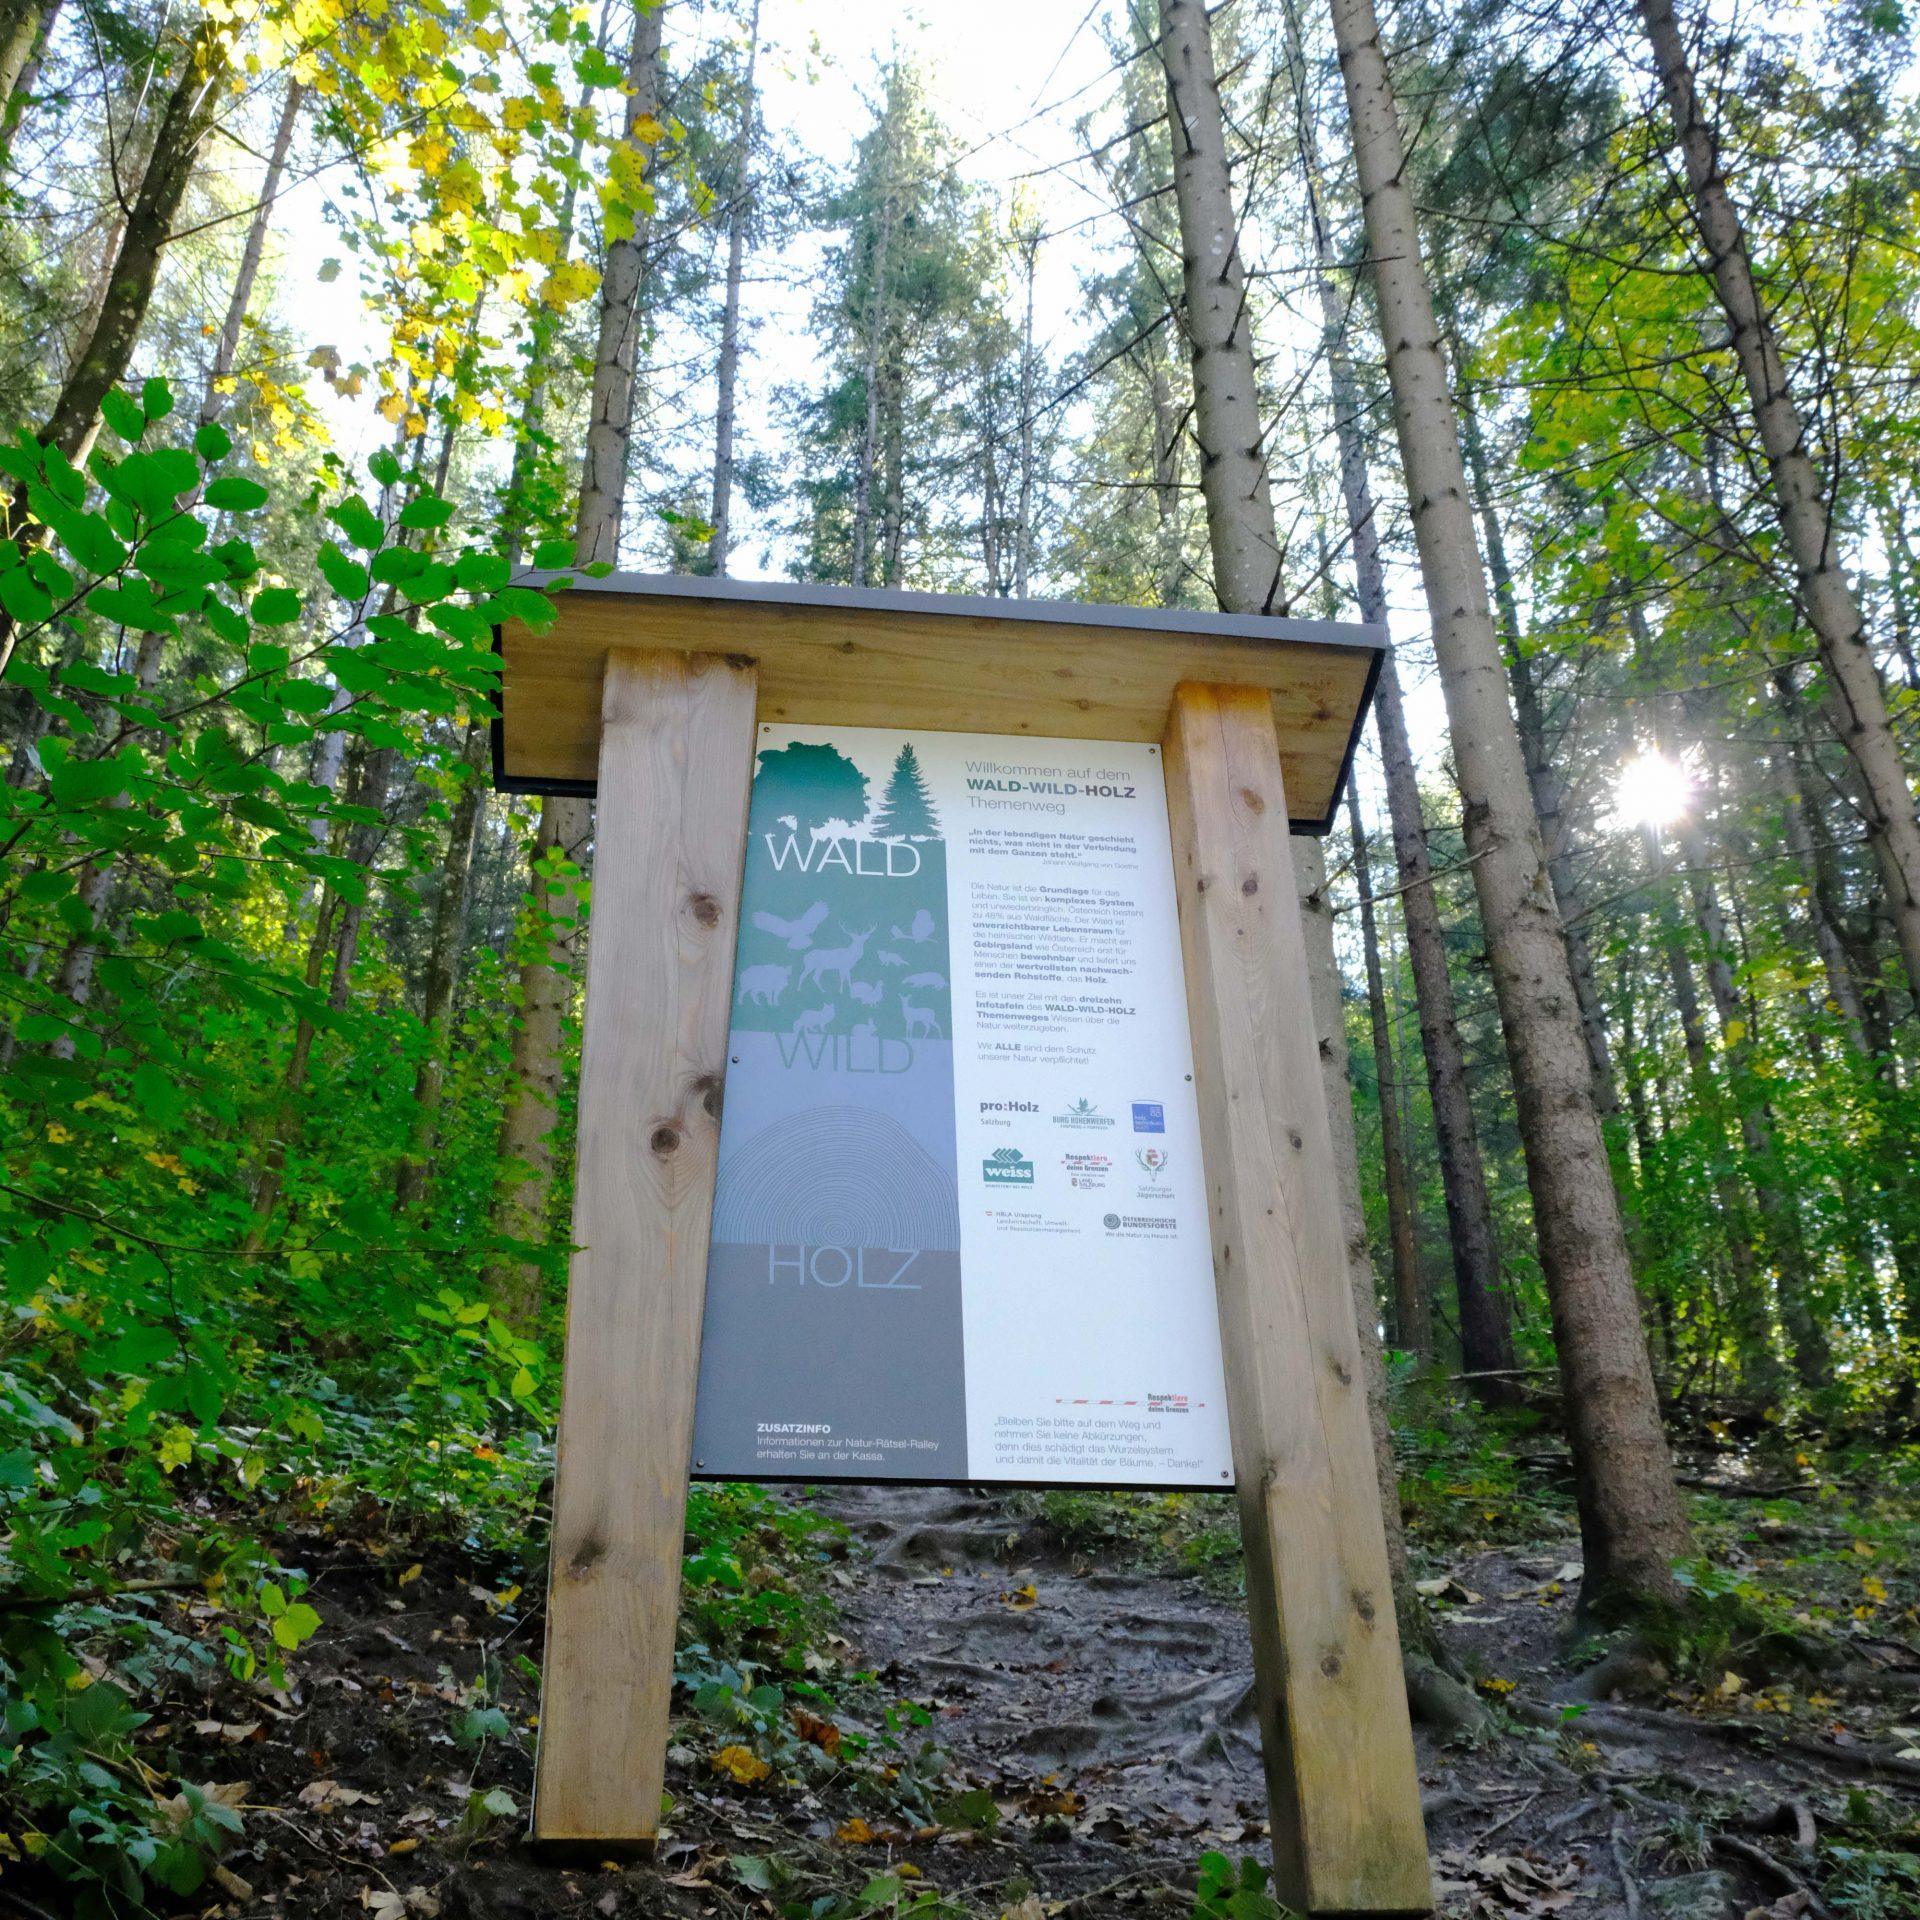 Wald-Wild-Holz Lehrpfad